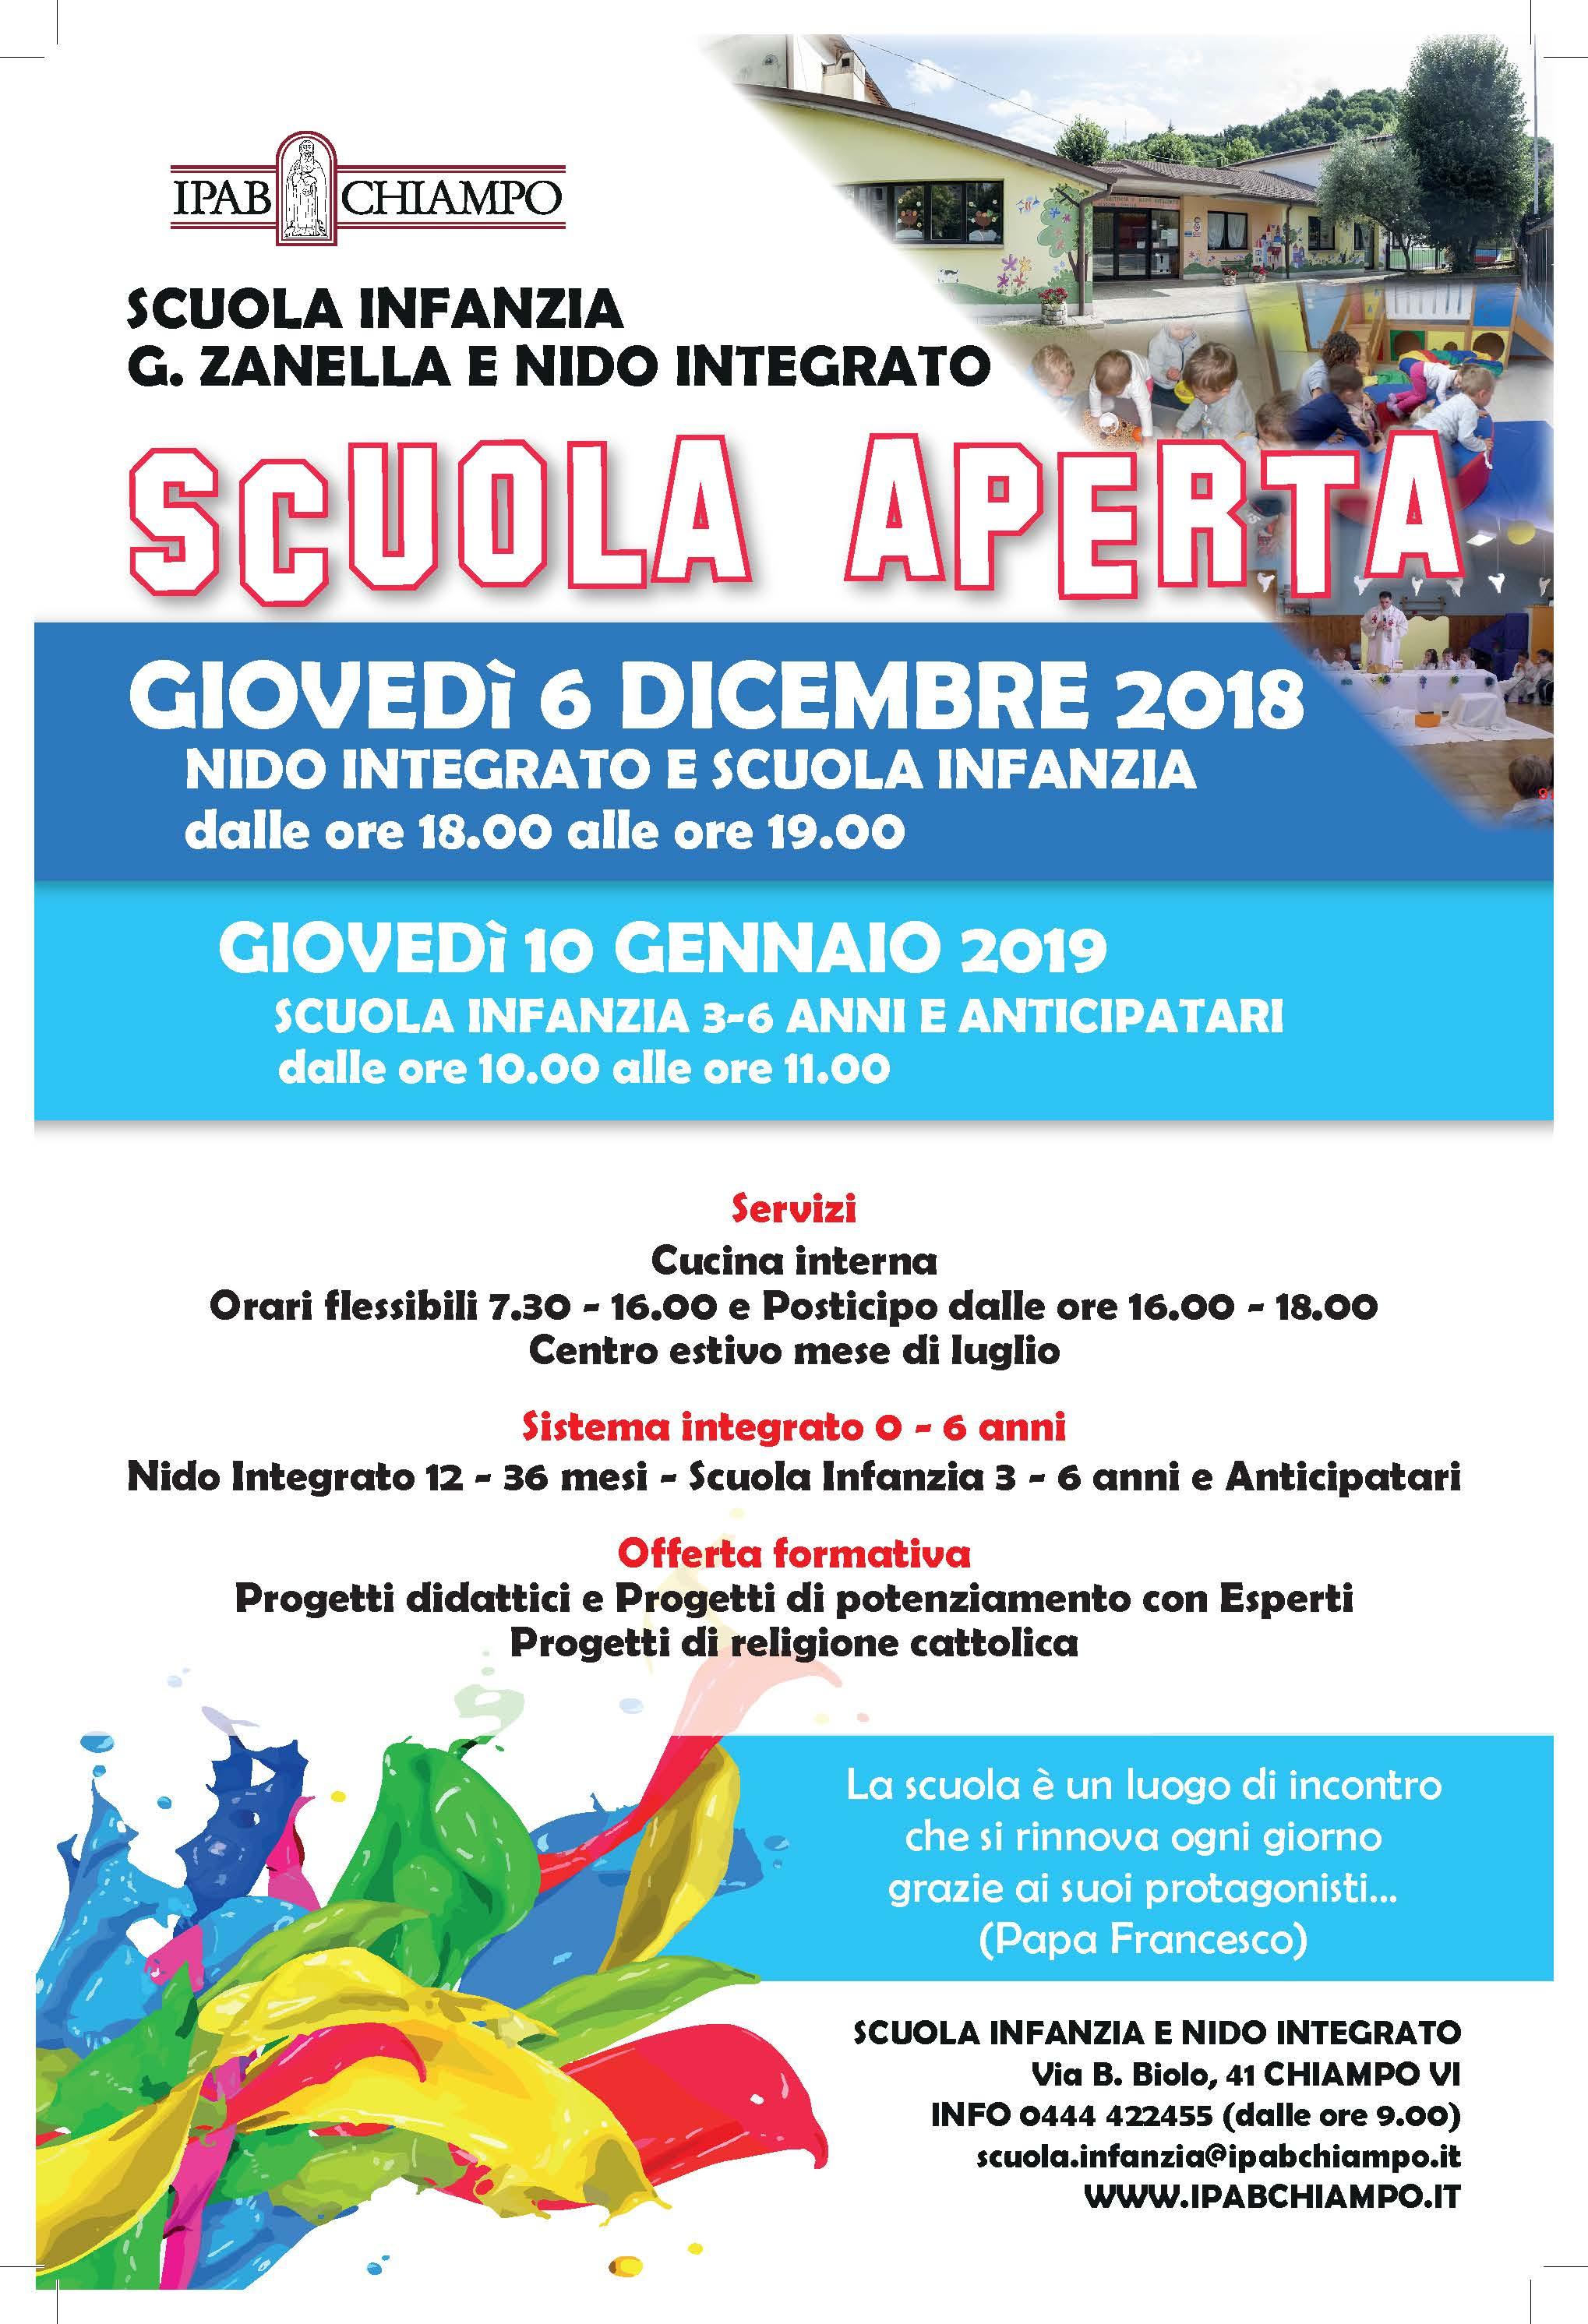 Scuola Aperta 2018/2019